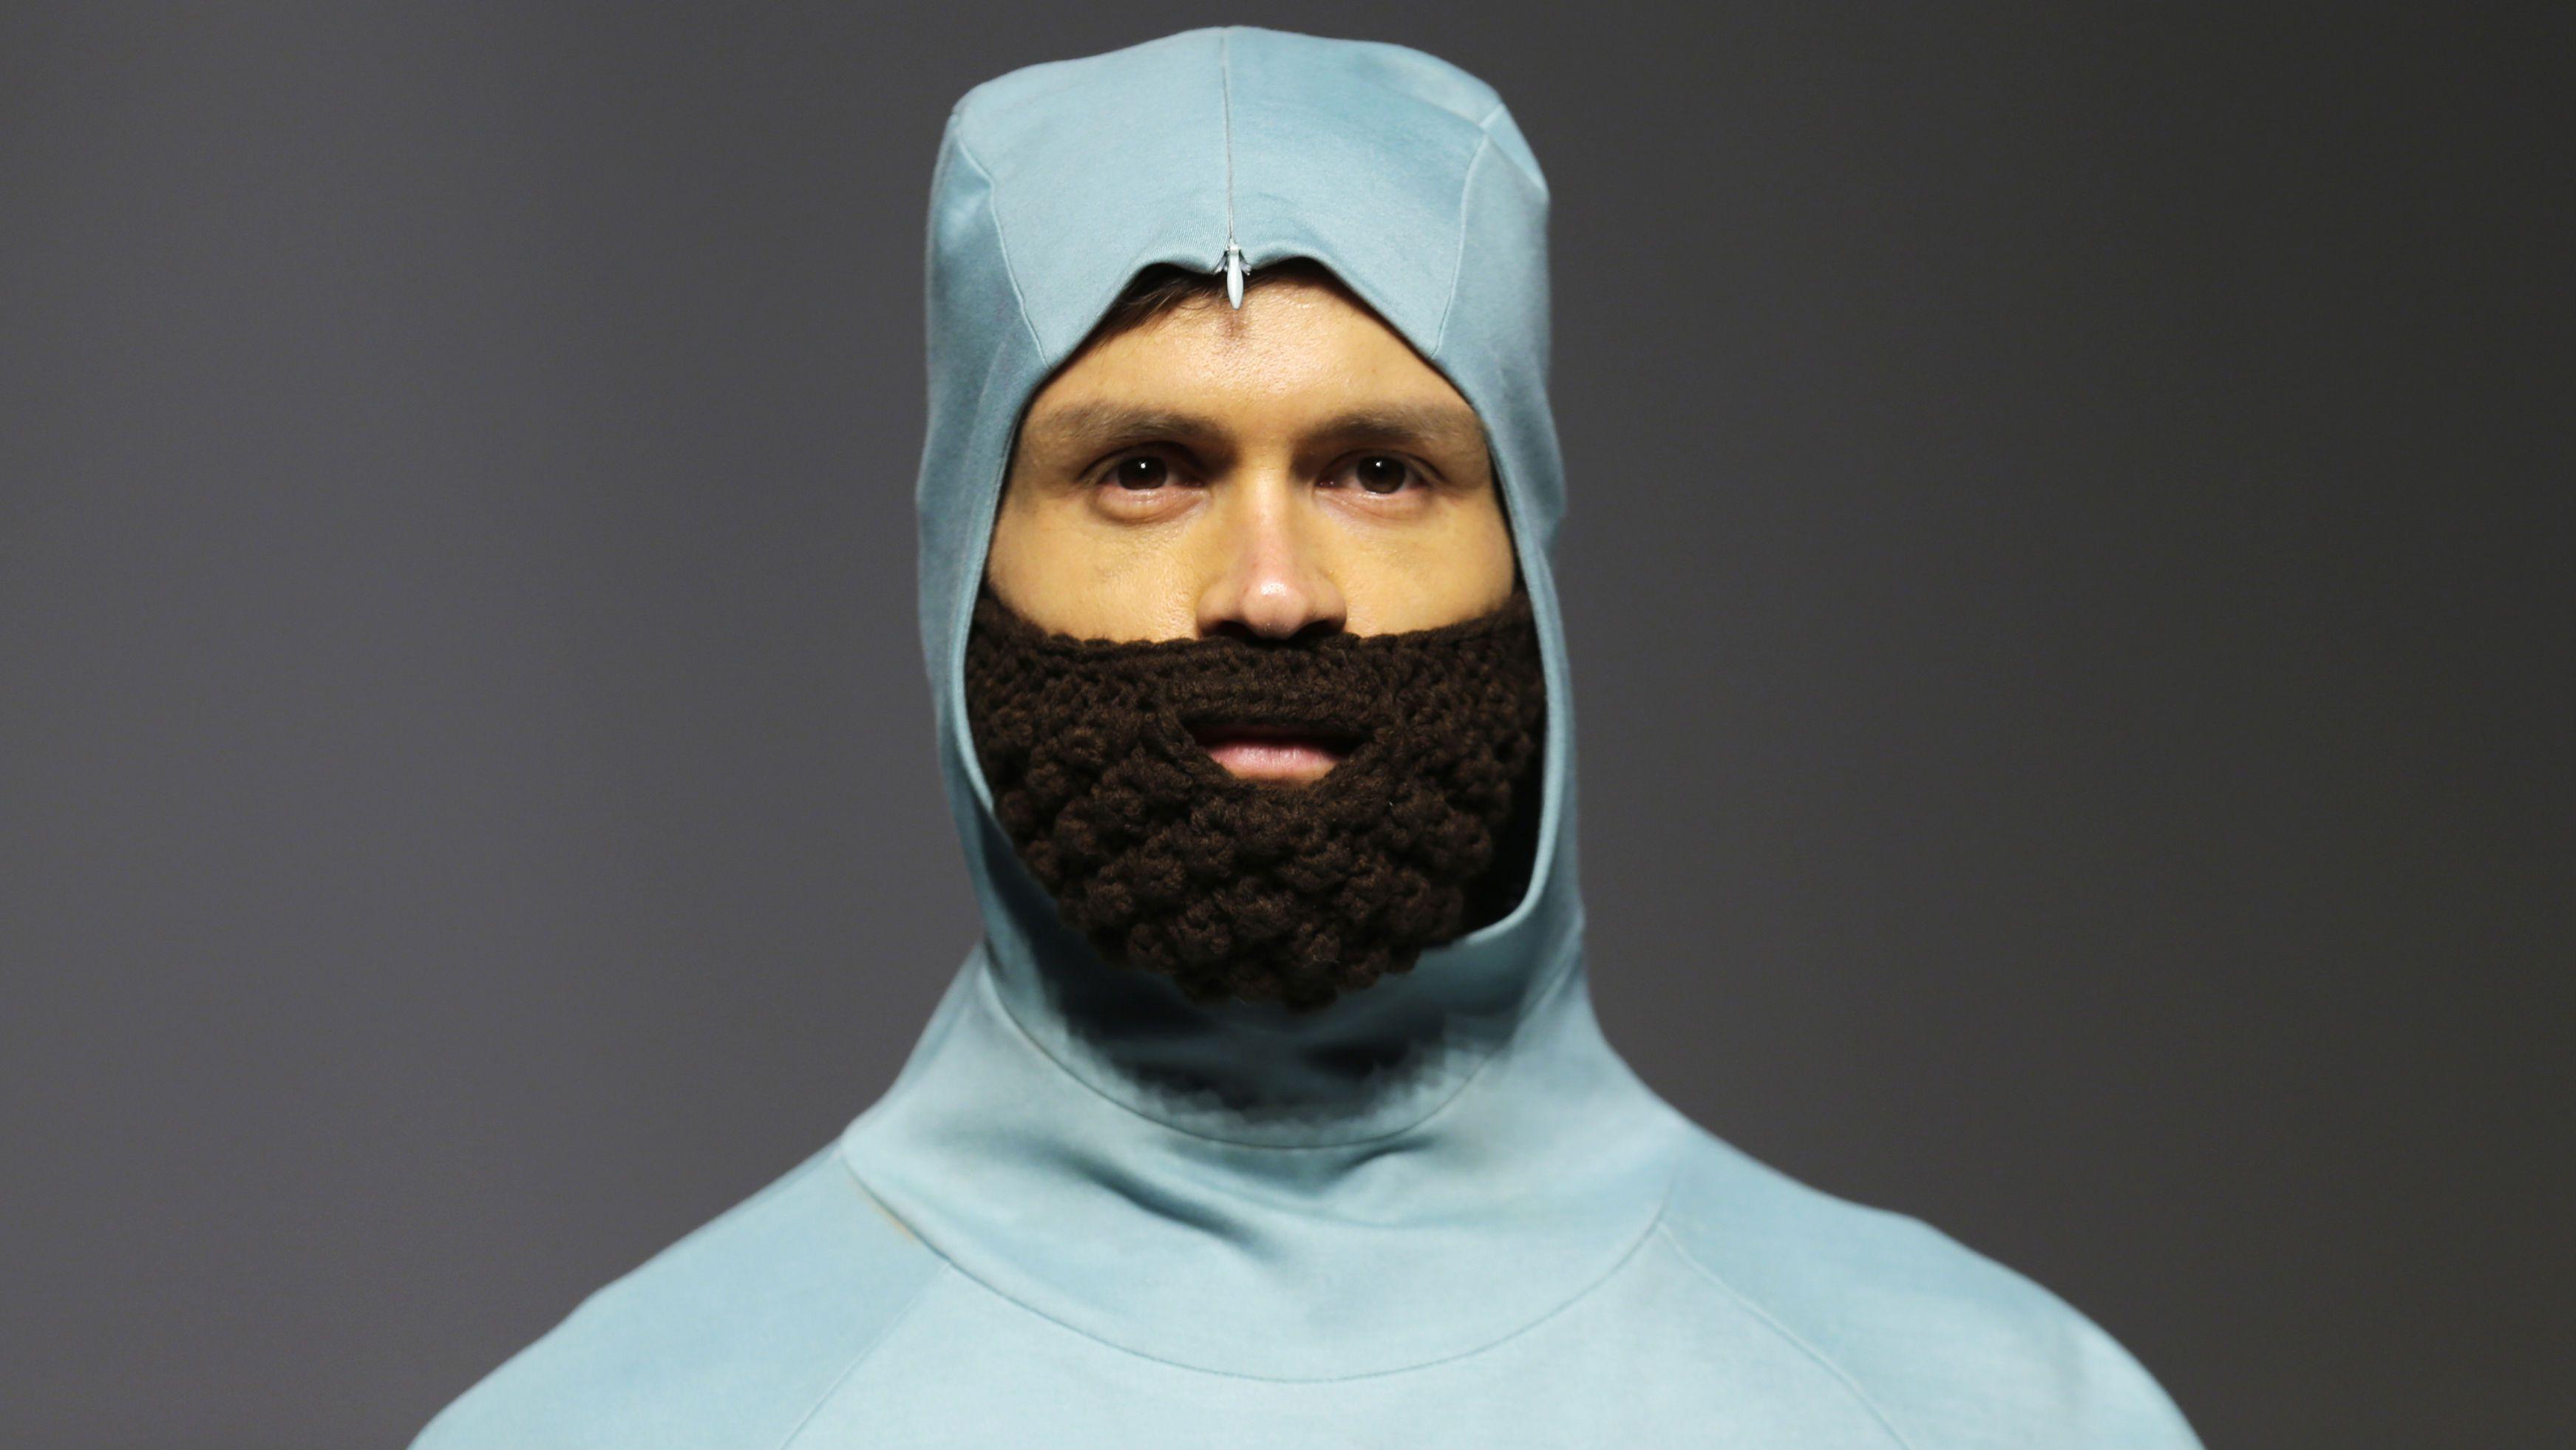 A man wears a knitted beard